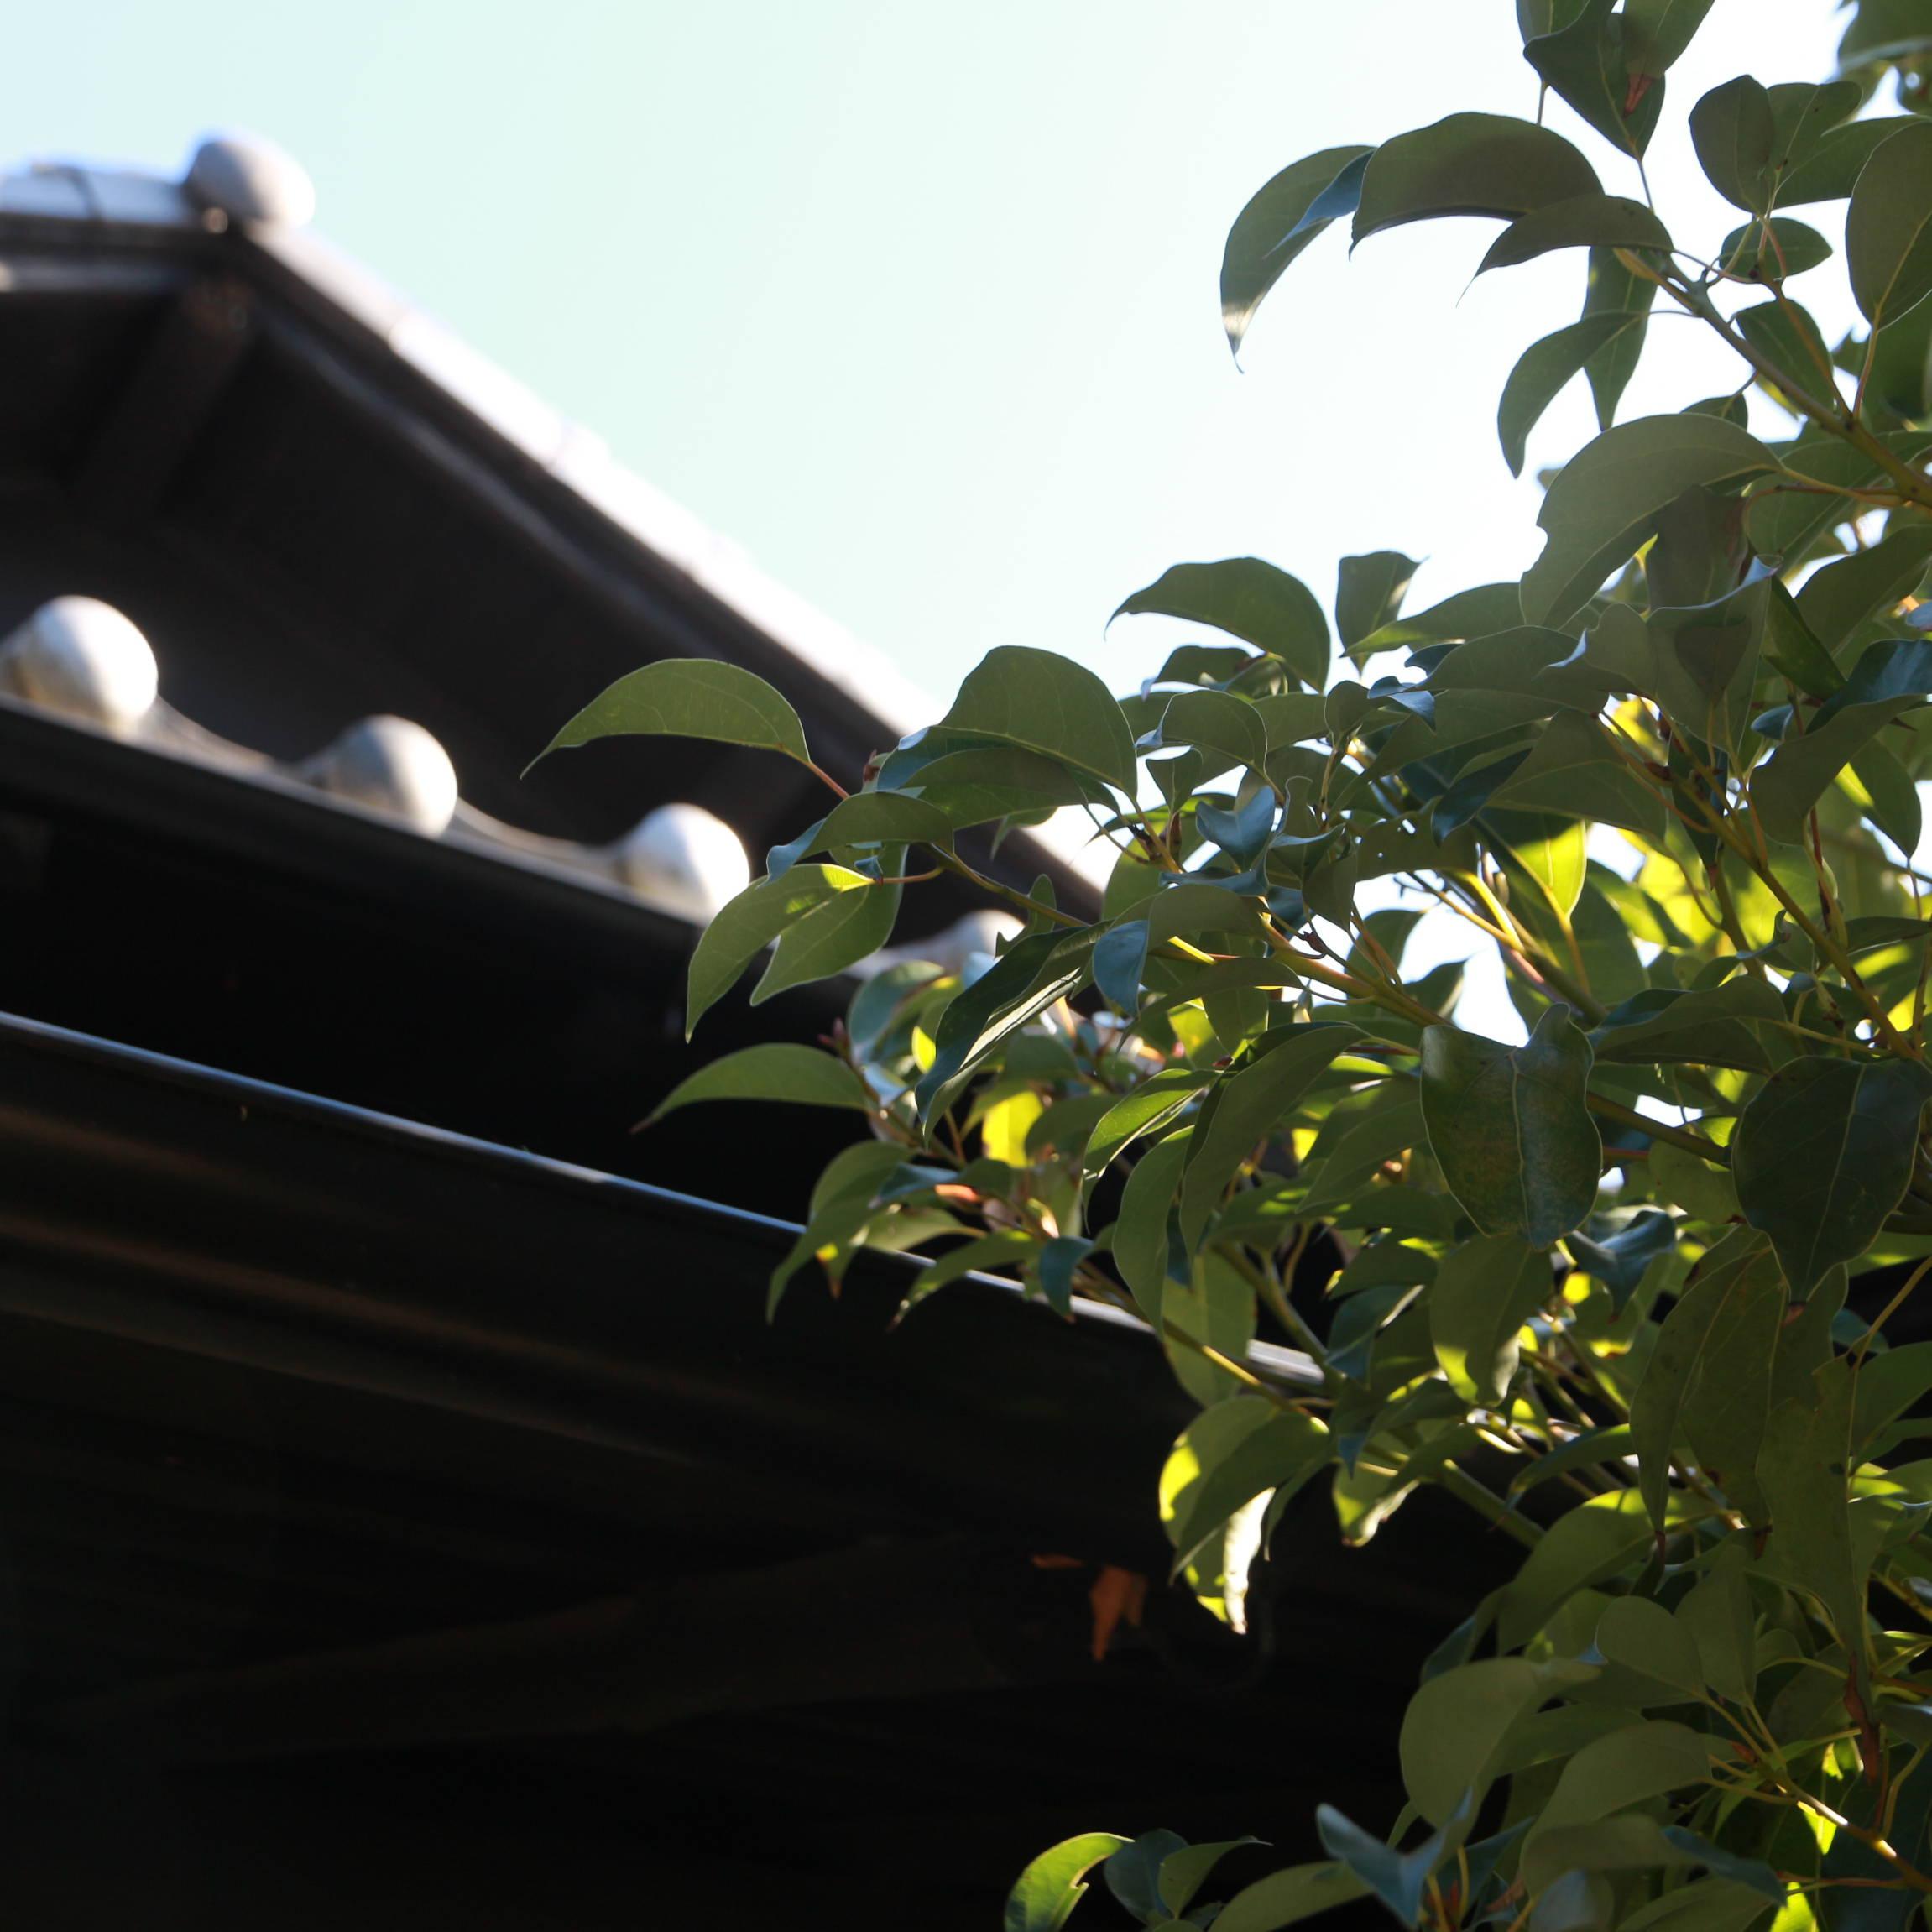 【SEE THE SUN】#01「食べること」からつくる私のライフスタイル